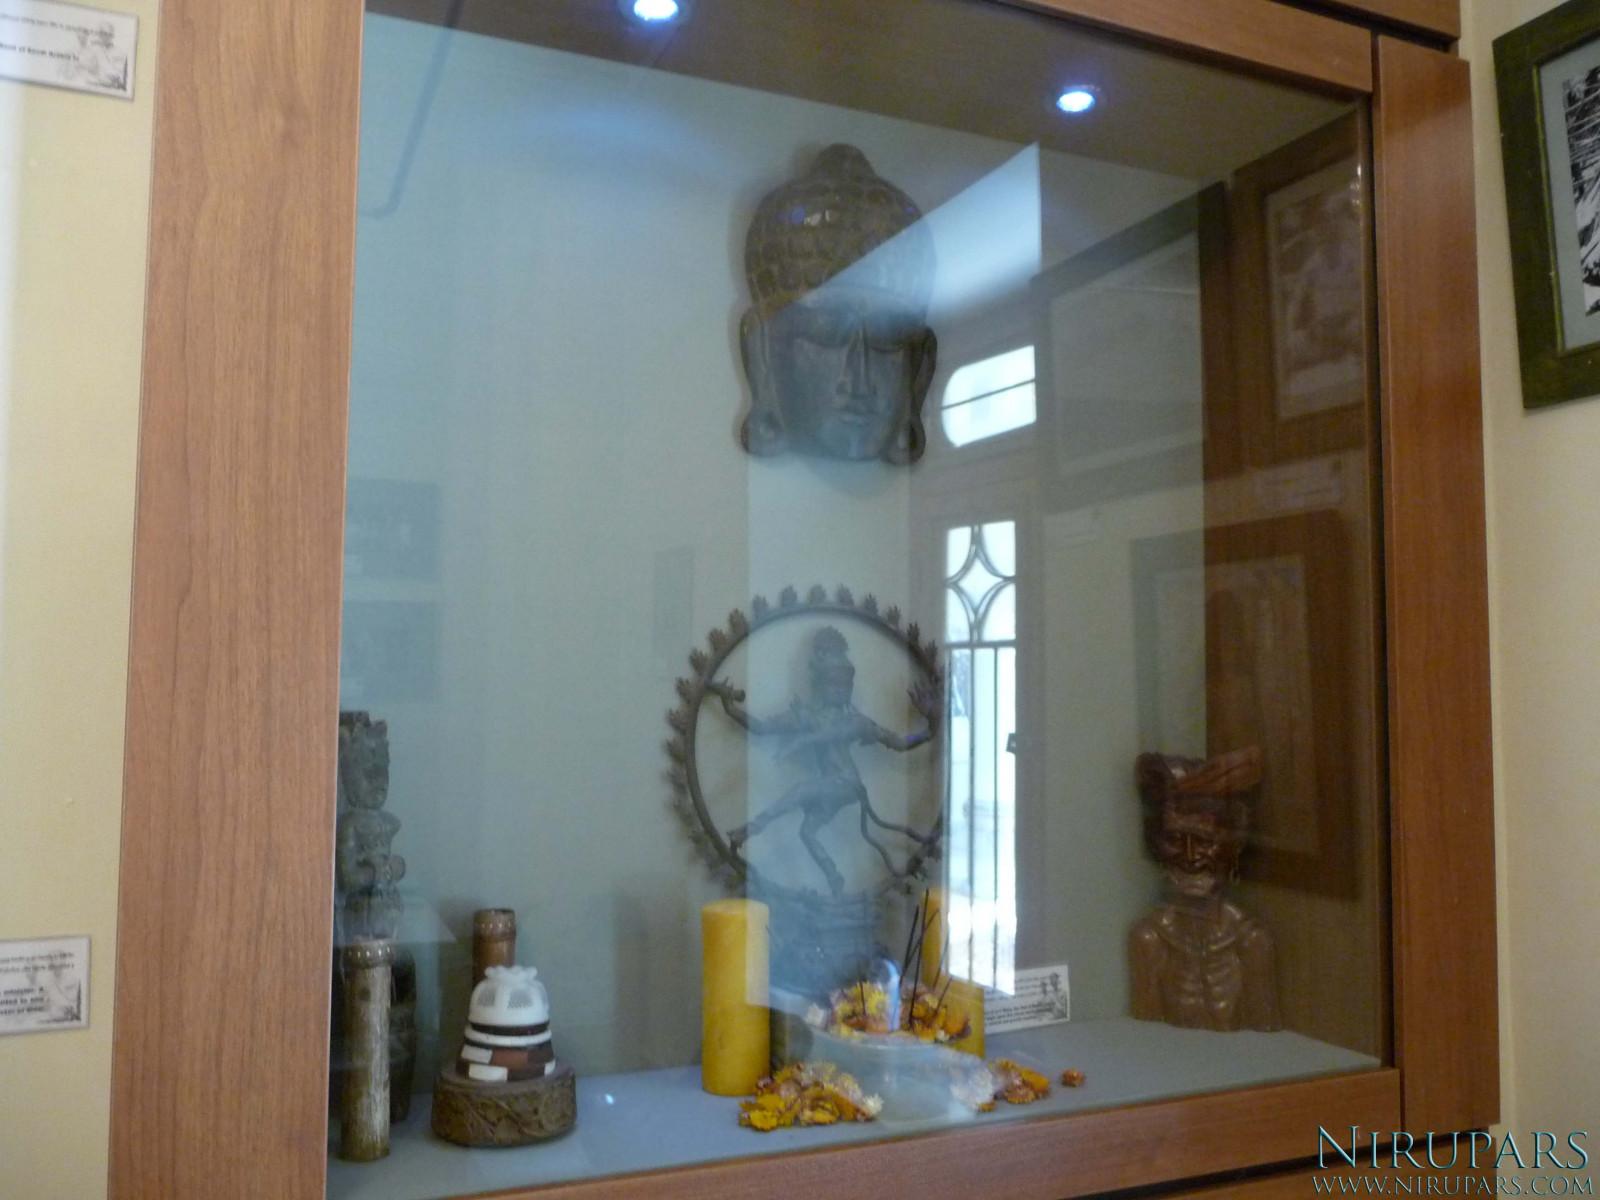 Sadabad Palace Complex - Baradaran Omidvar Museum - Exhibits